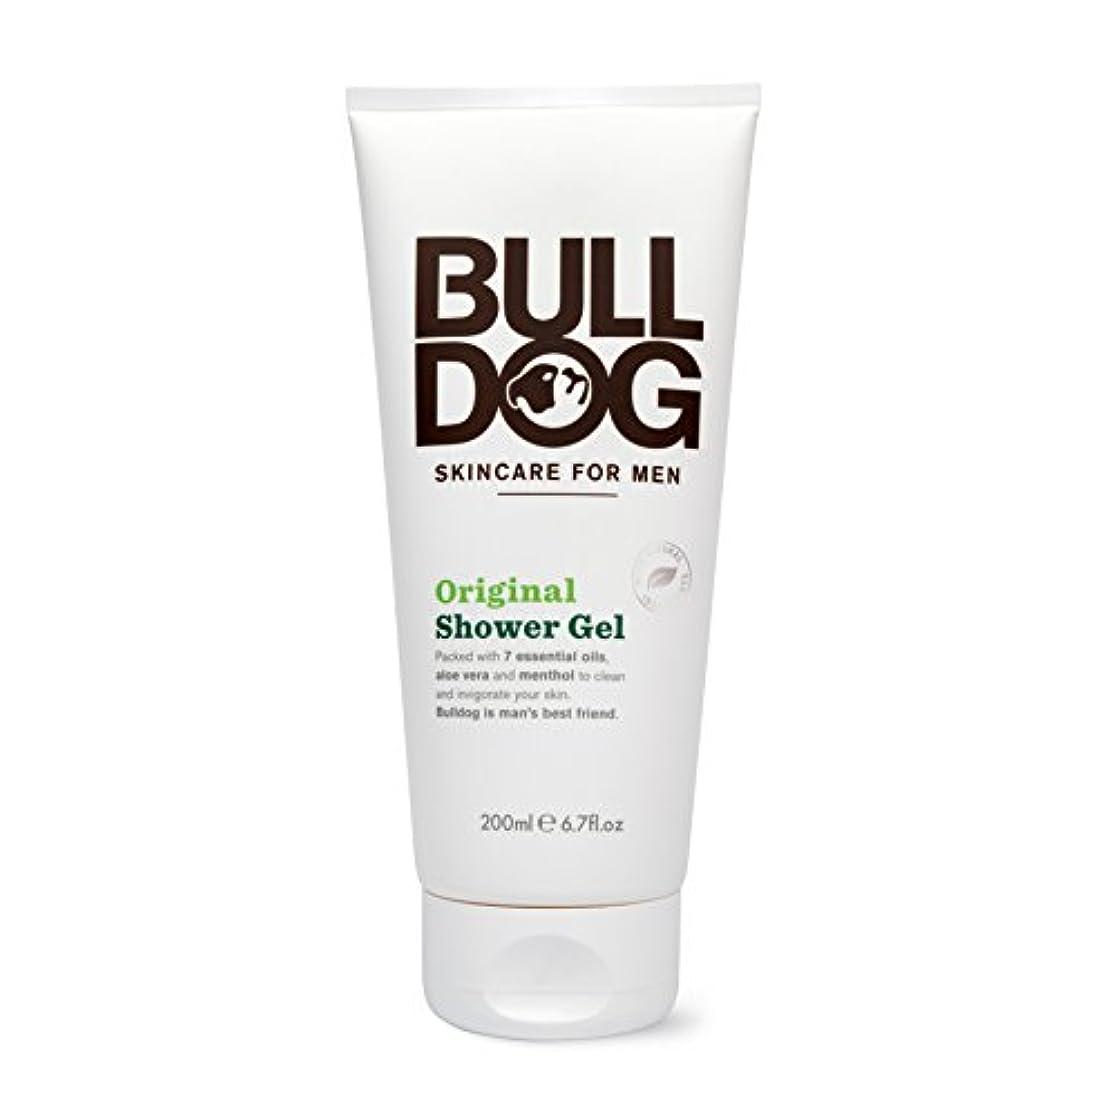 優雅な特異なピケブルドッグ Bulldog オリジナル シャワージェル(ボディ用洗浄料) 200mL